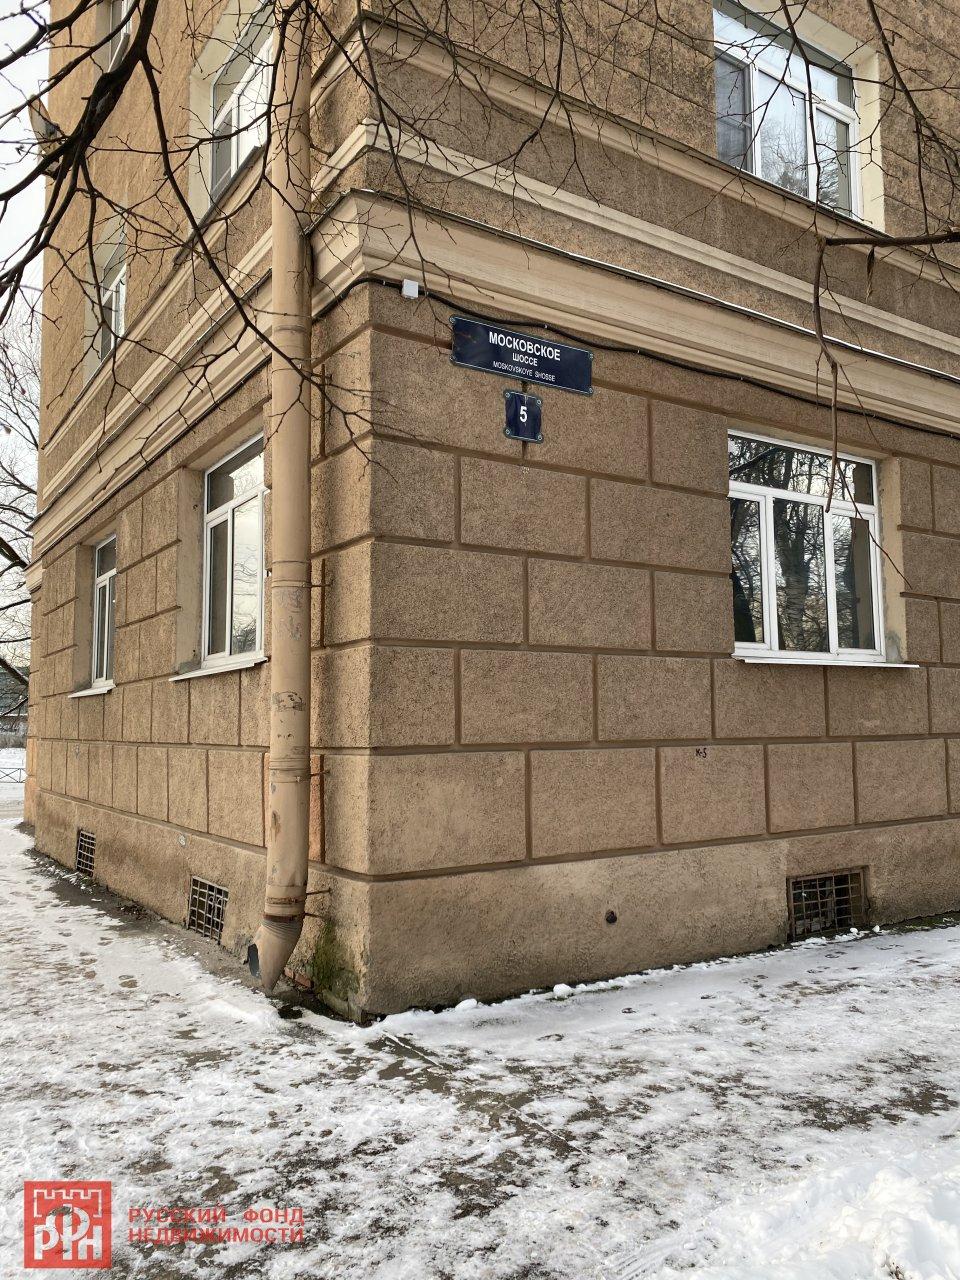 Московское шос., д 5